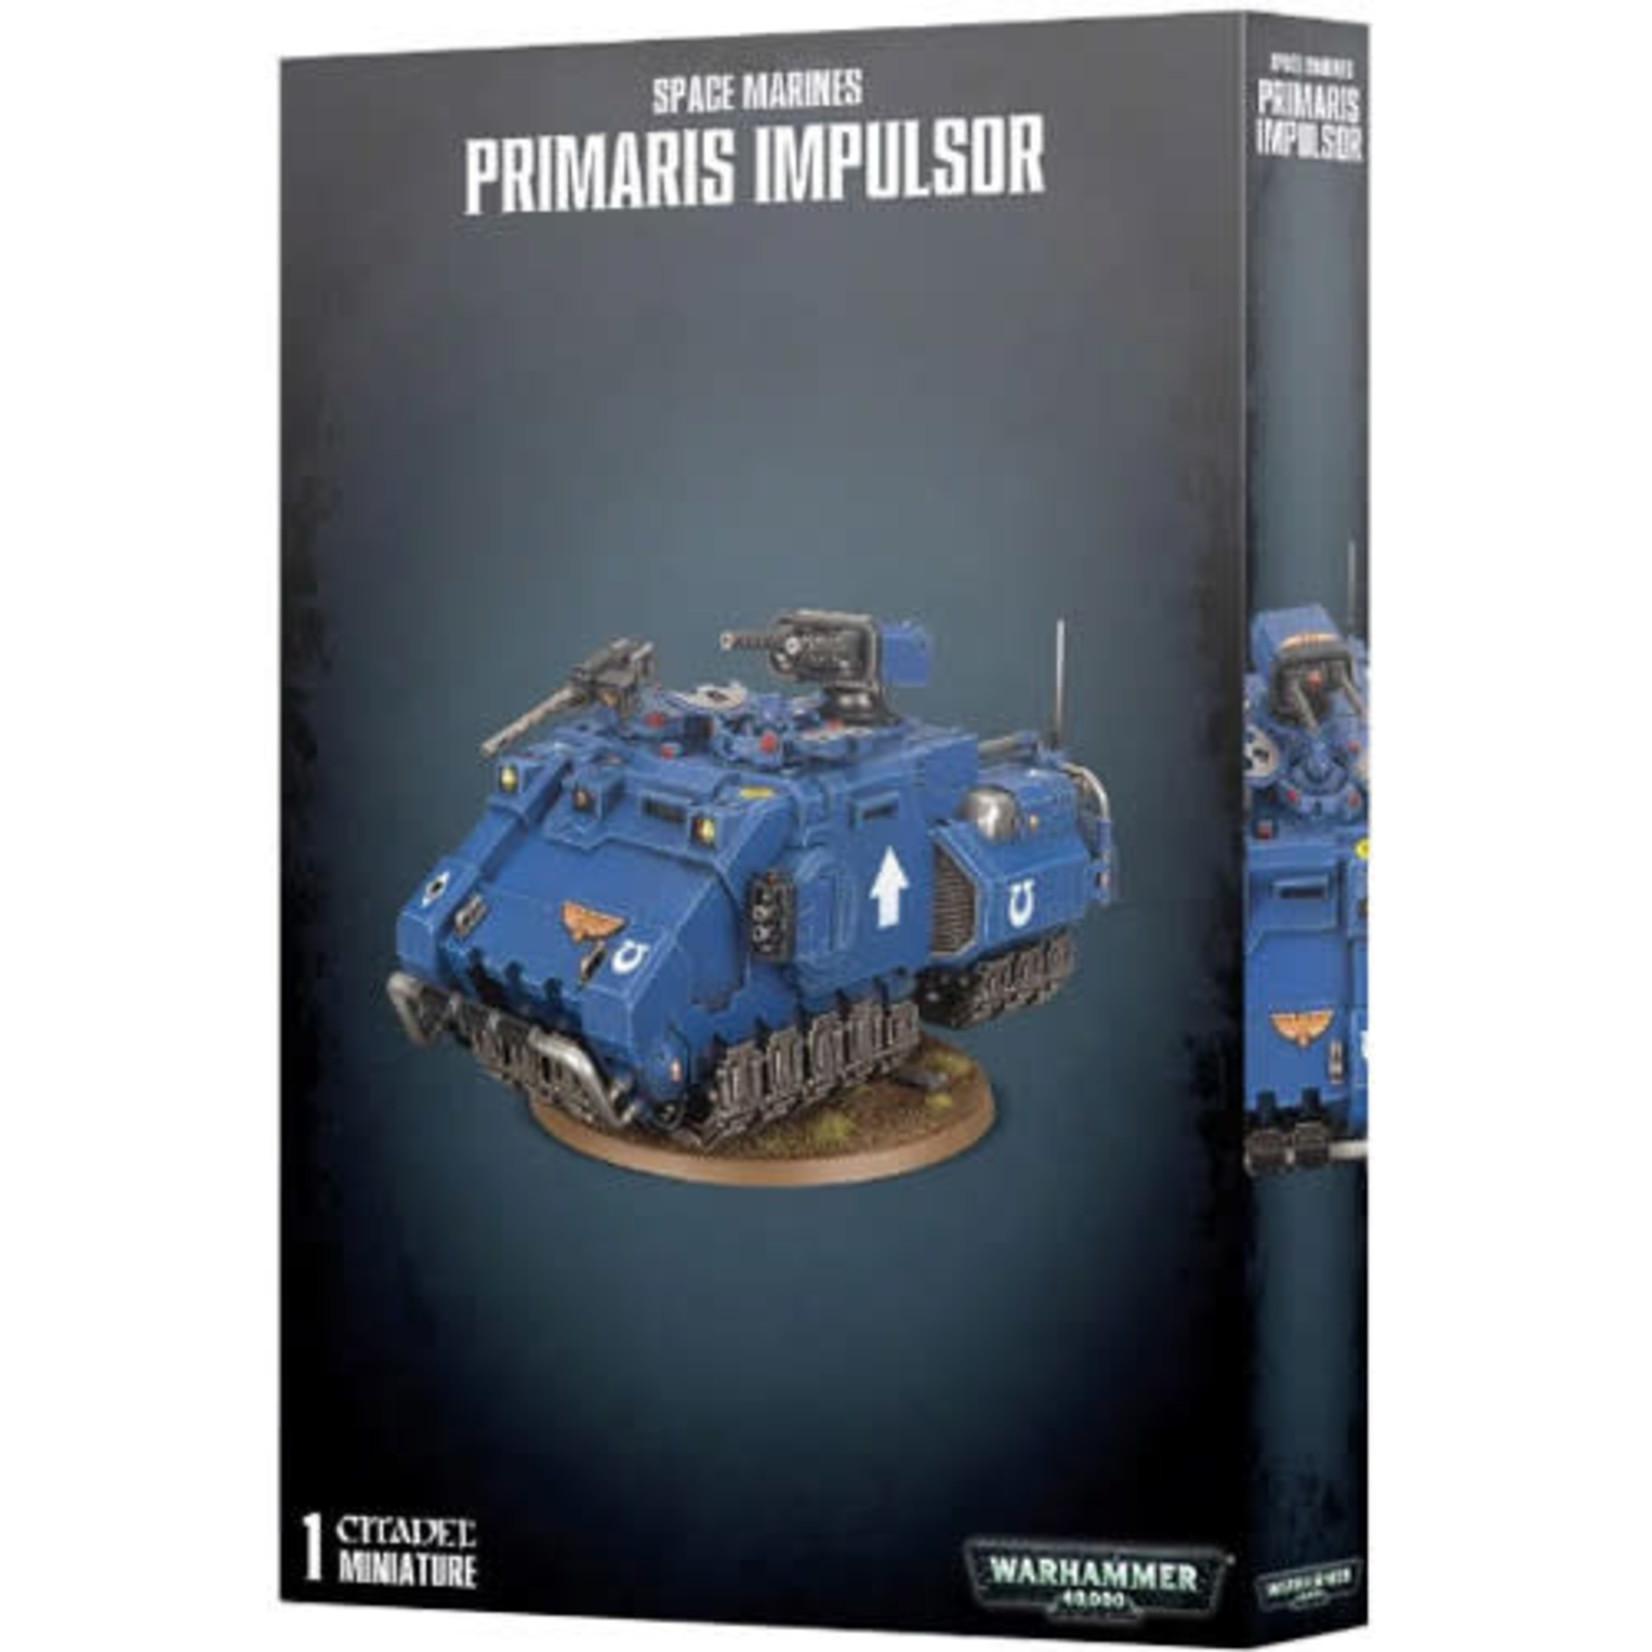 Primaris Impulsor (40K)